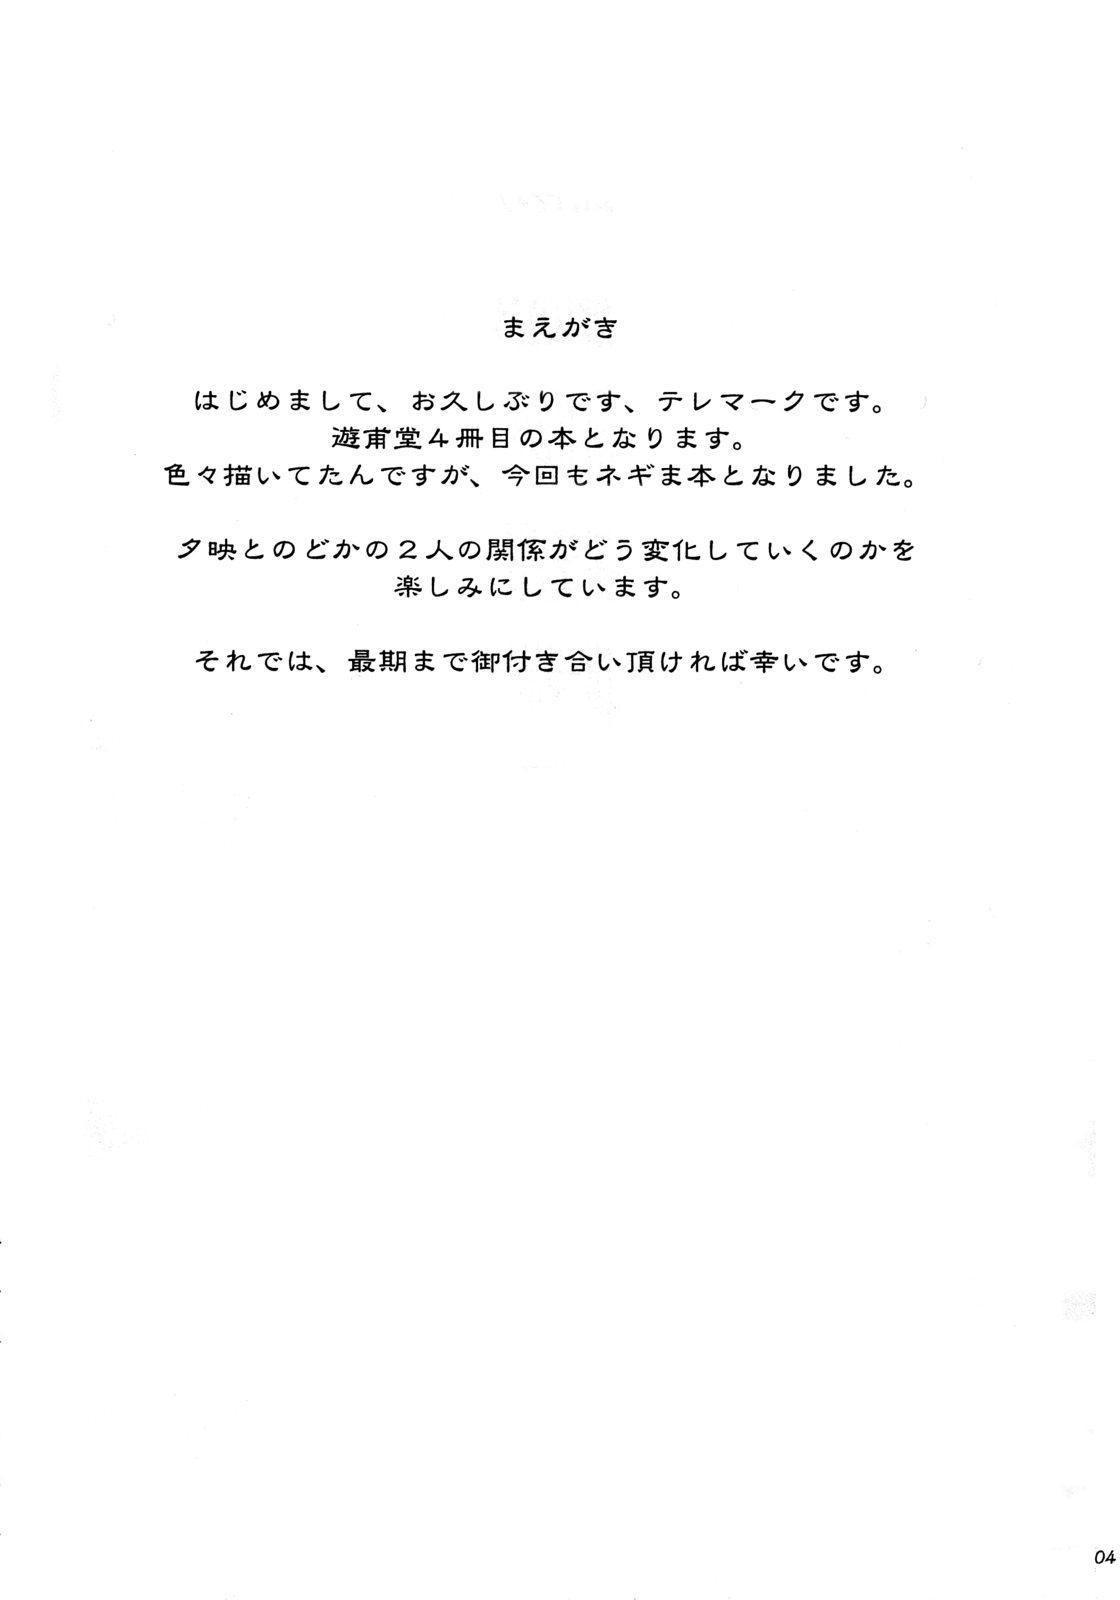 Ayase Yue to Miyazaki Nodoka no Chijou. 2